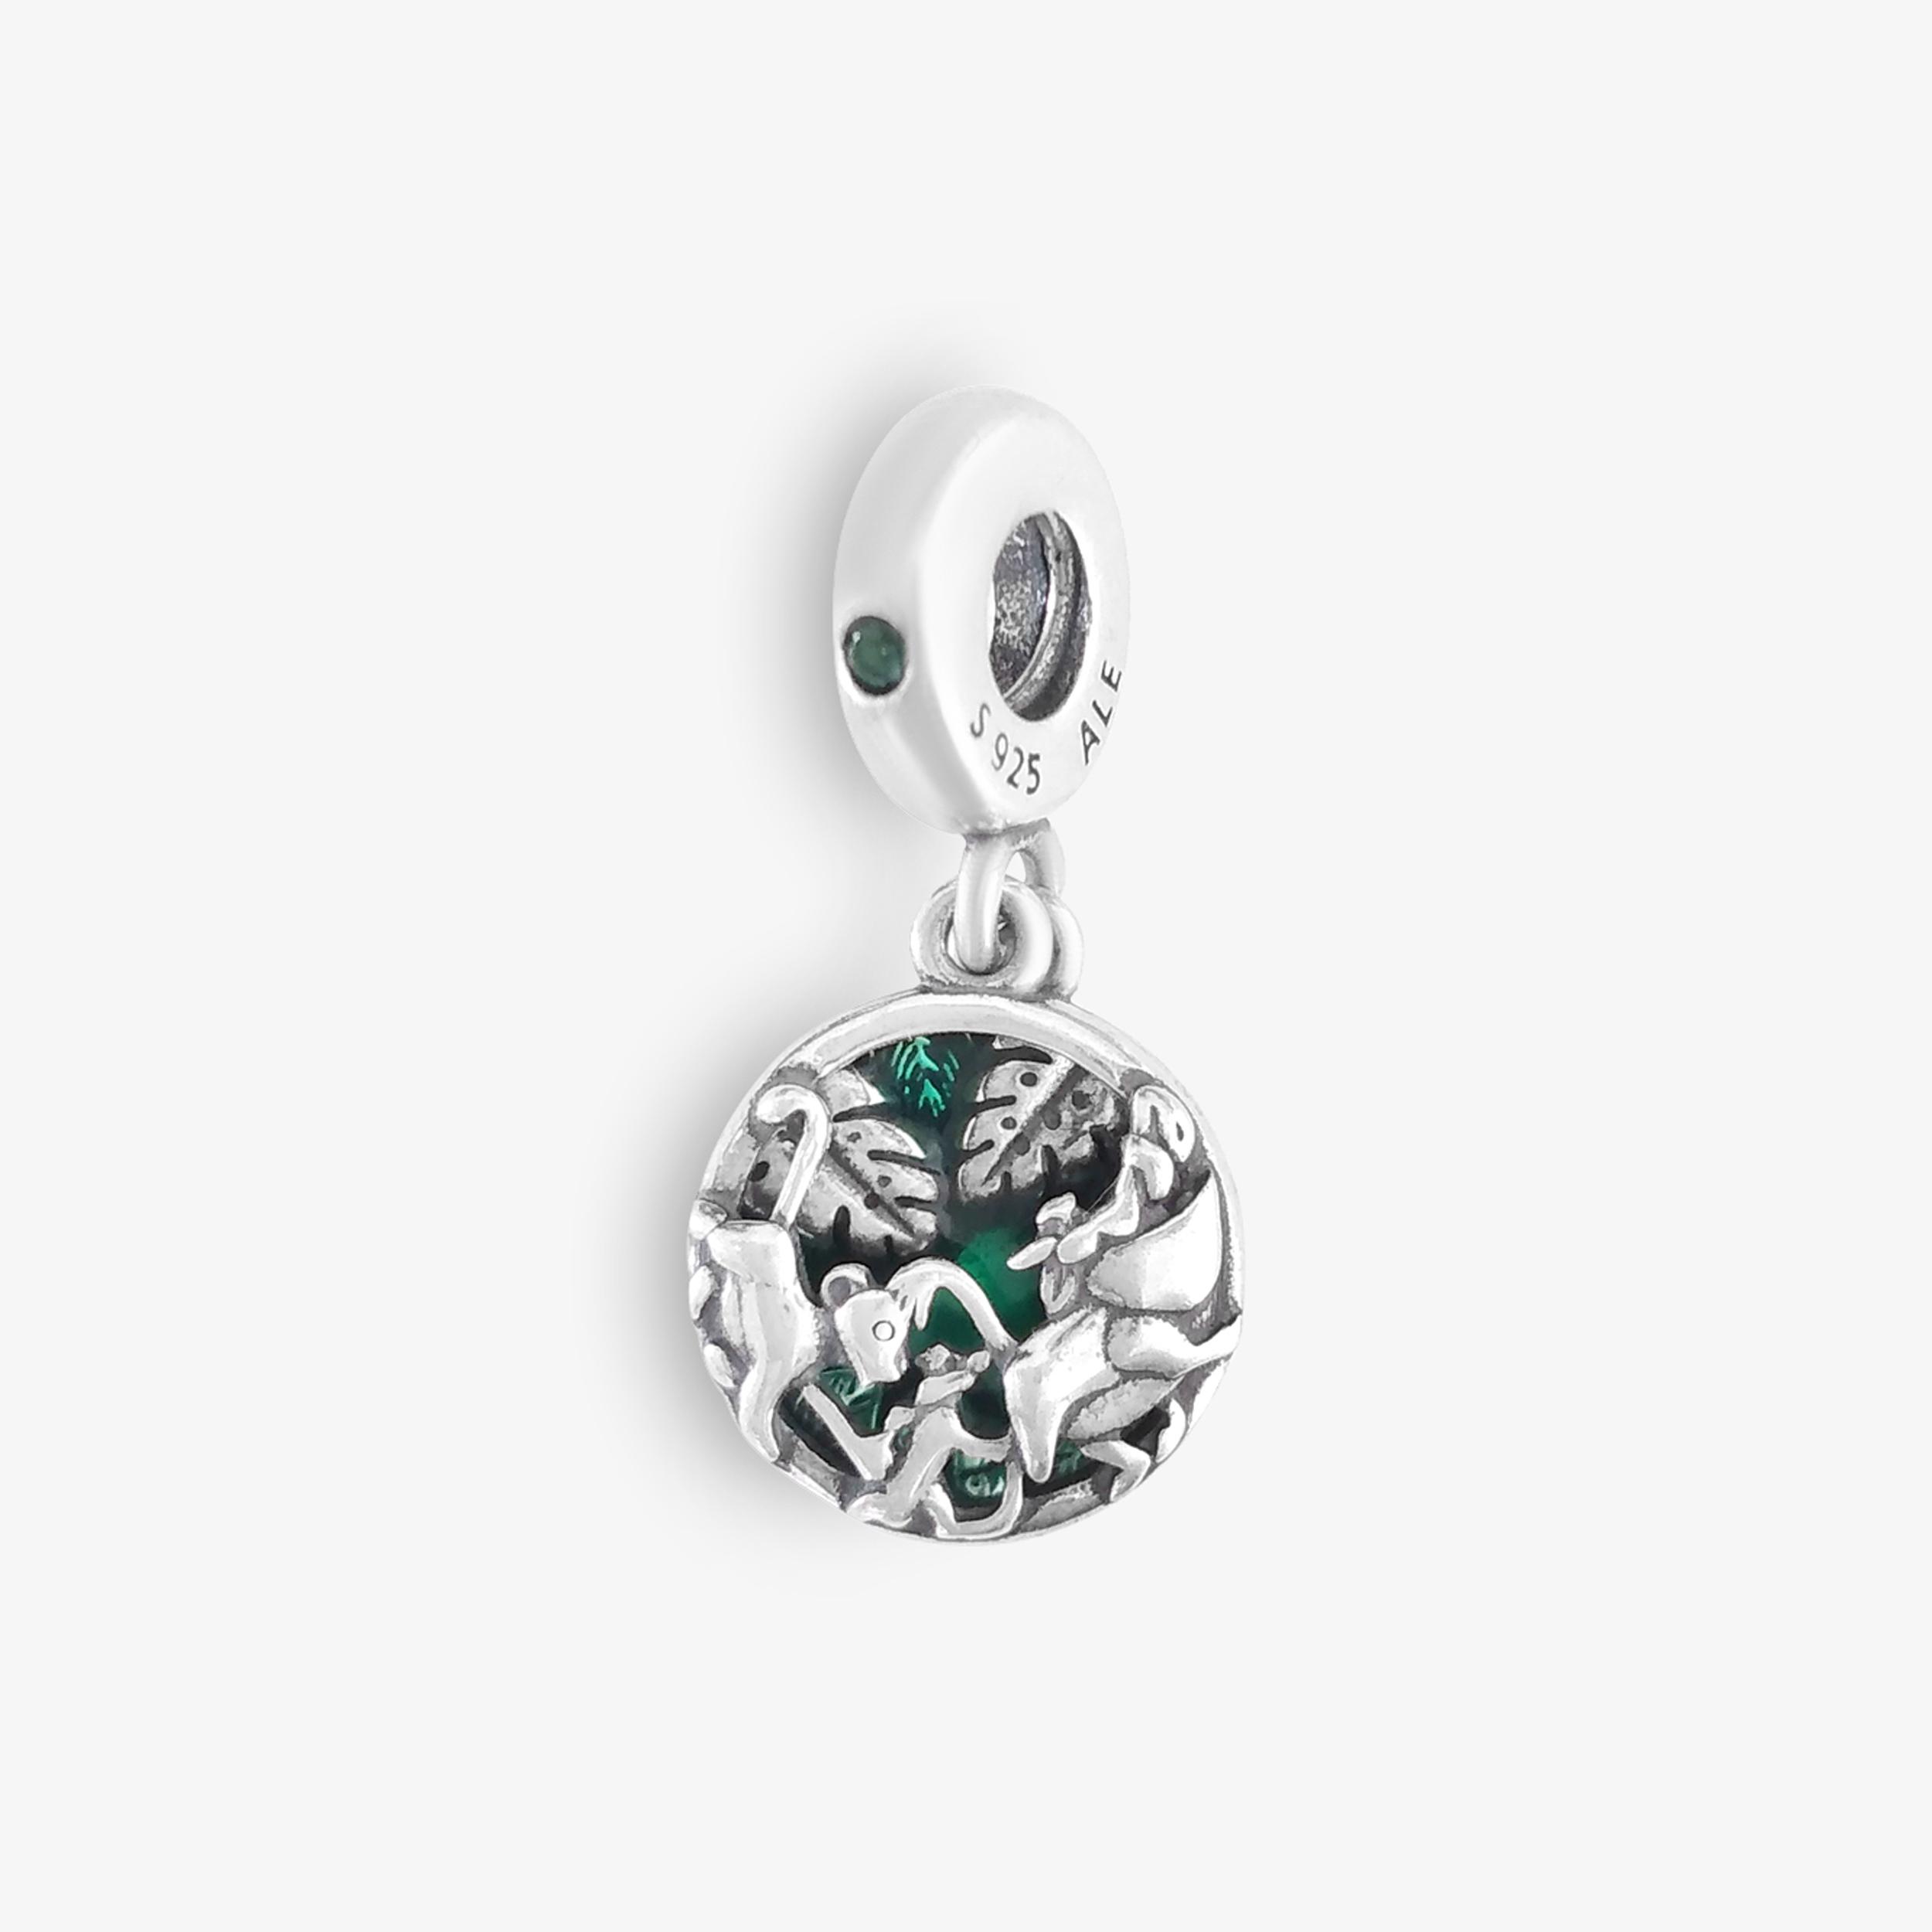 Jungle Tribe Silver Pendant